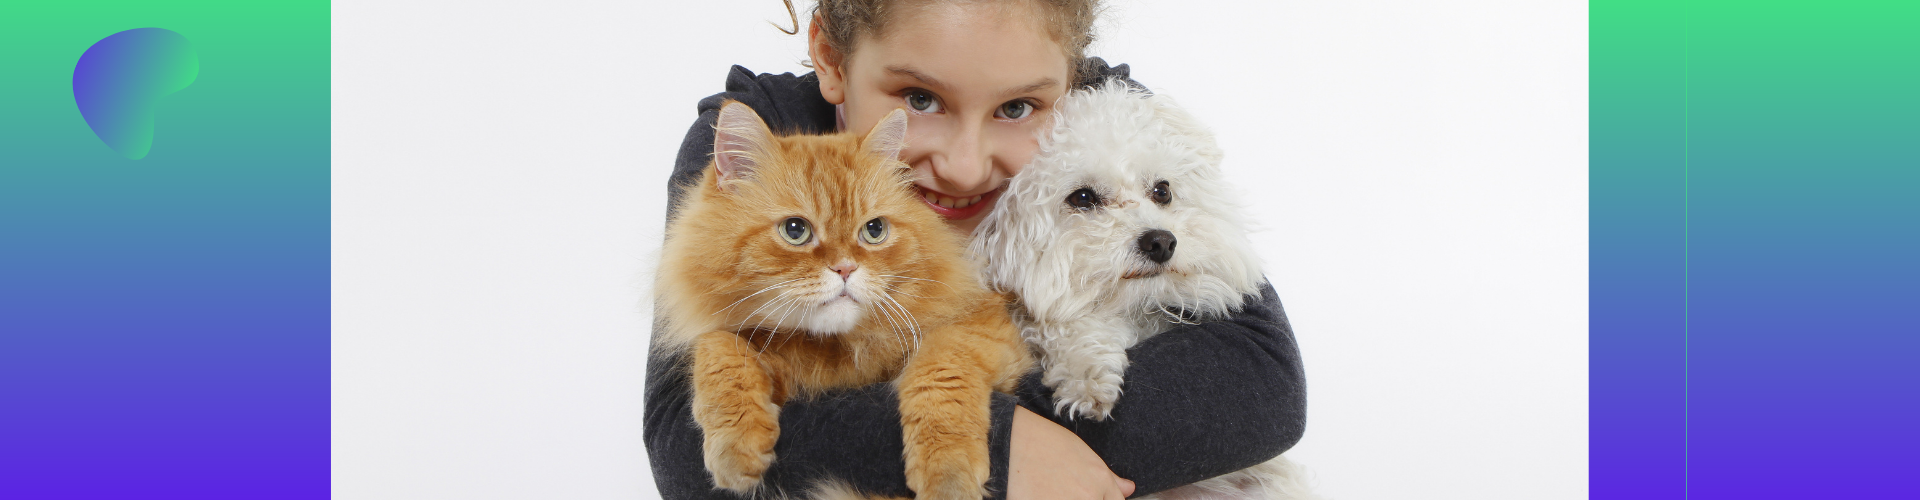 Katten-gezonde voeding adviseren: wordt professioneel voedingsadviseur